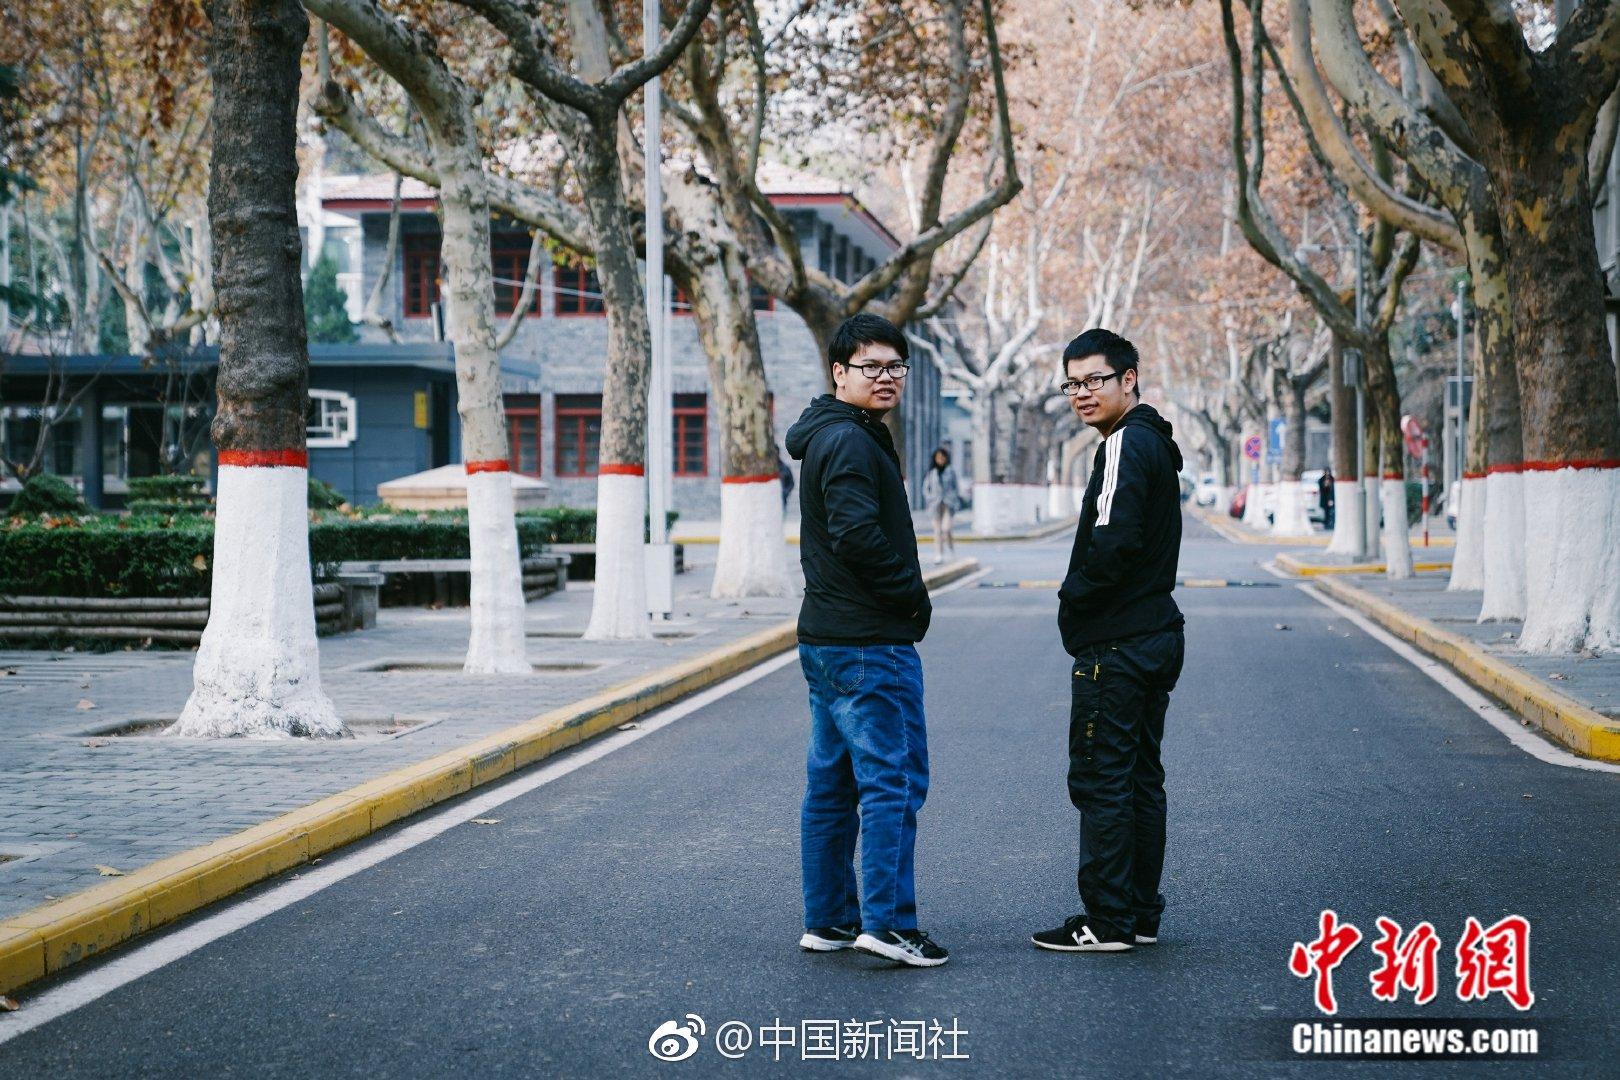 """7m福利导航_快手看片番茄社区app官网 漂流瓶里有""""神仙""""?真相让人哭笑不得"""